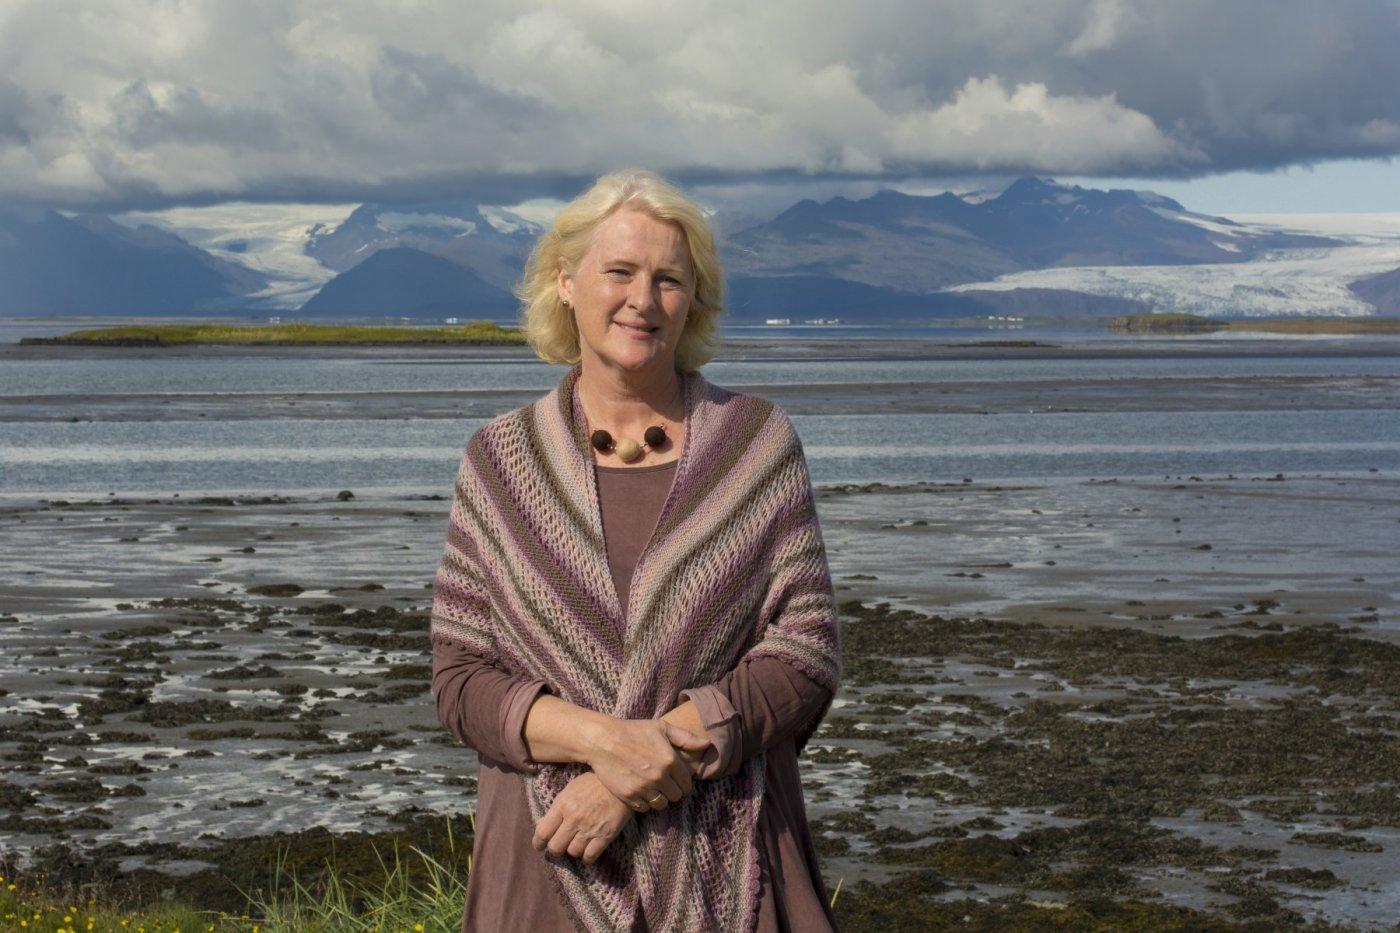 Soffía Auður Birgisdóttir